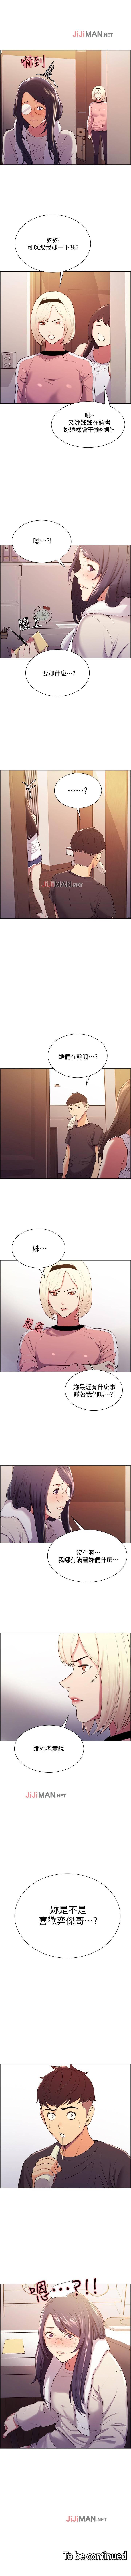 【周二连载】室友招募中(作者:Serious) 第1~15话 43